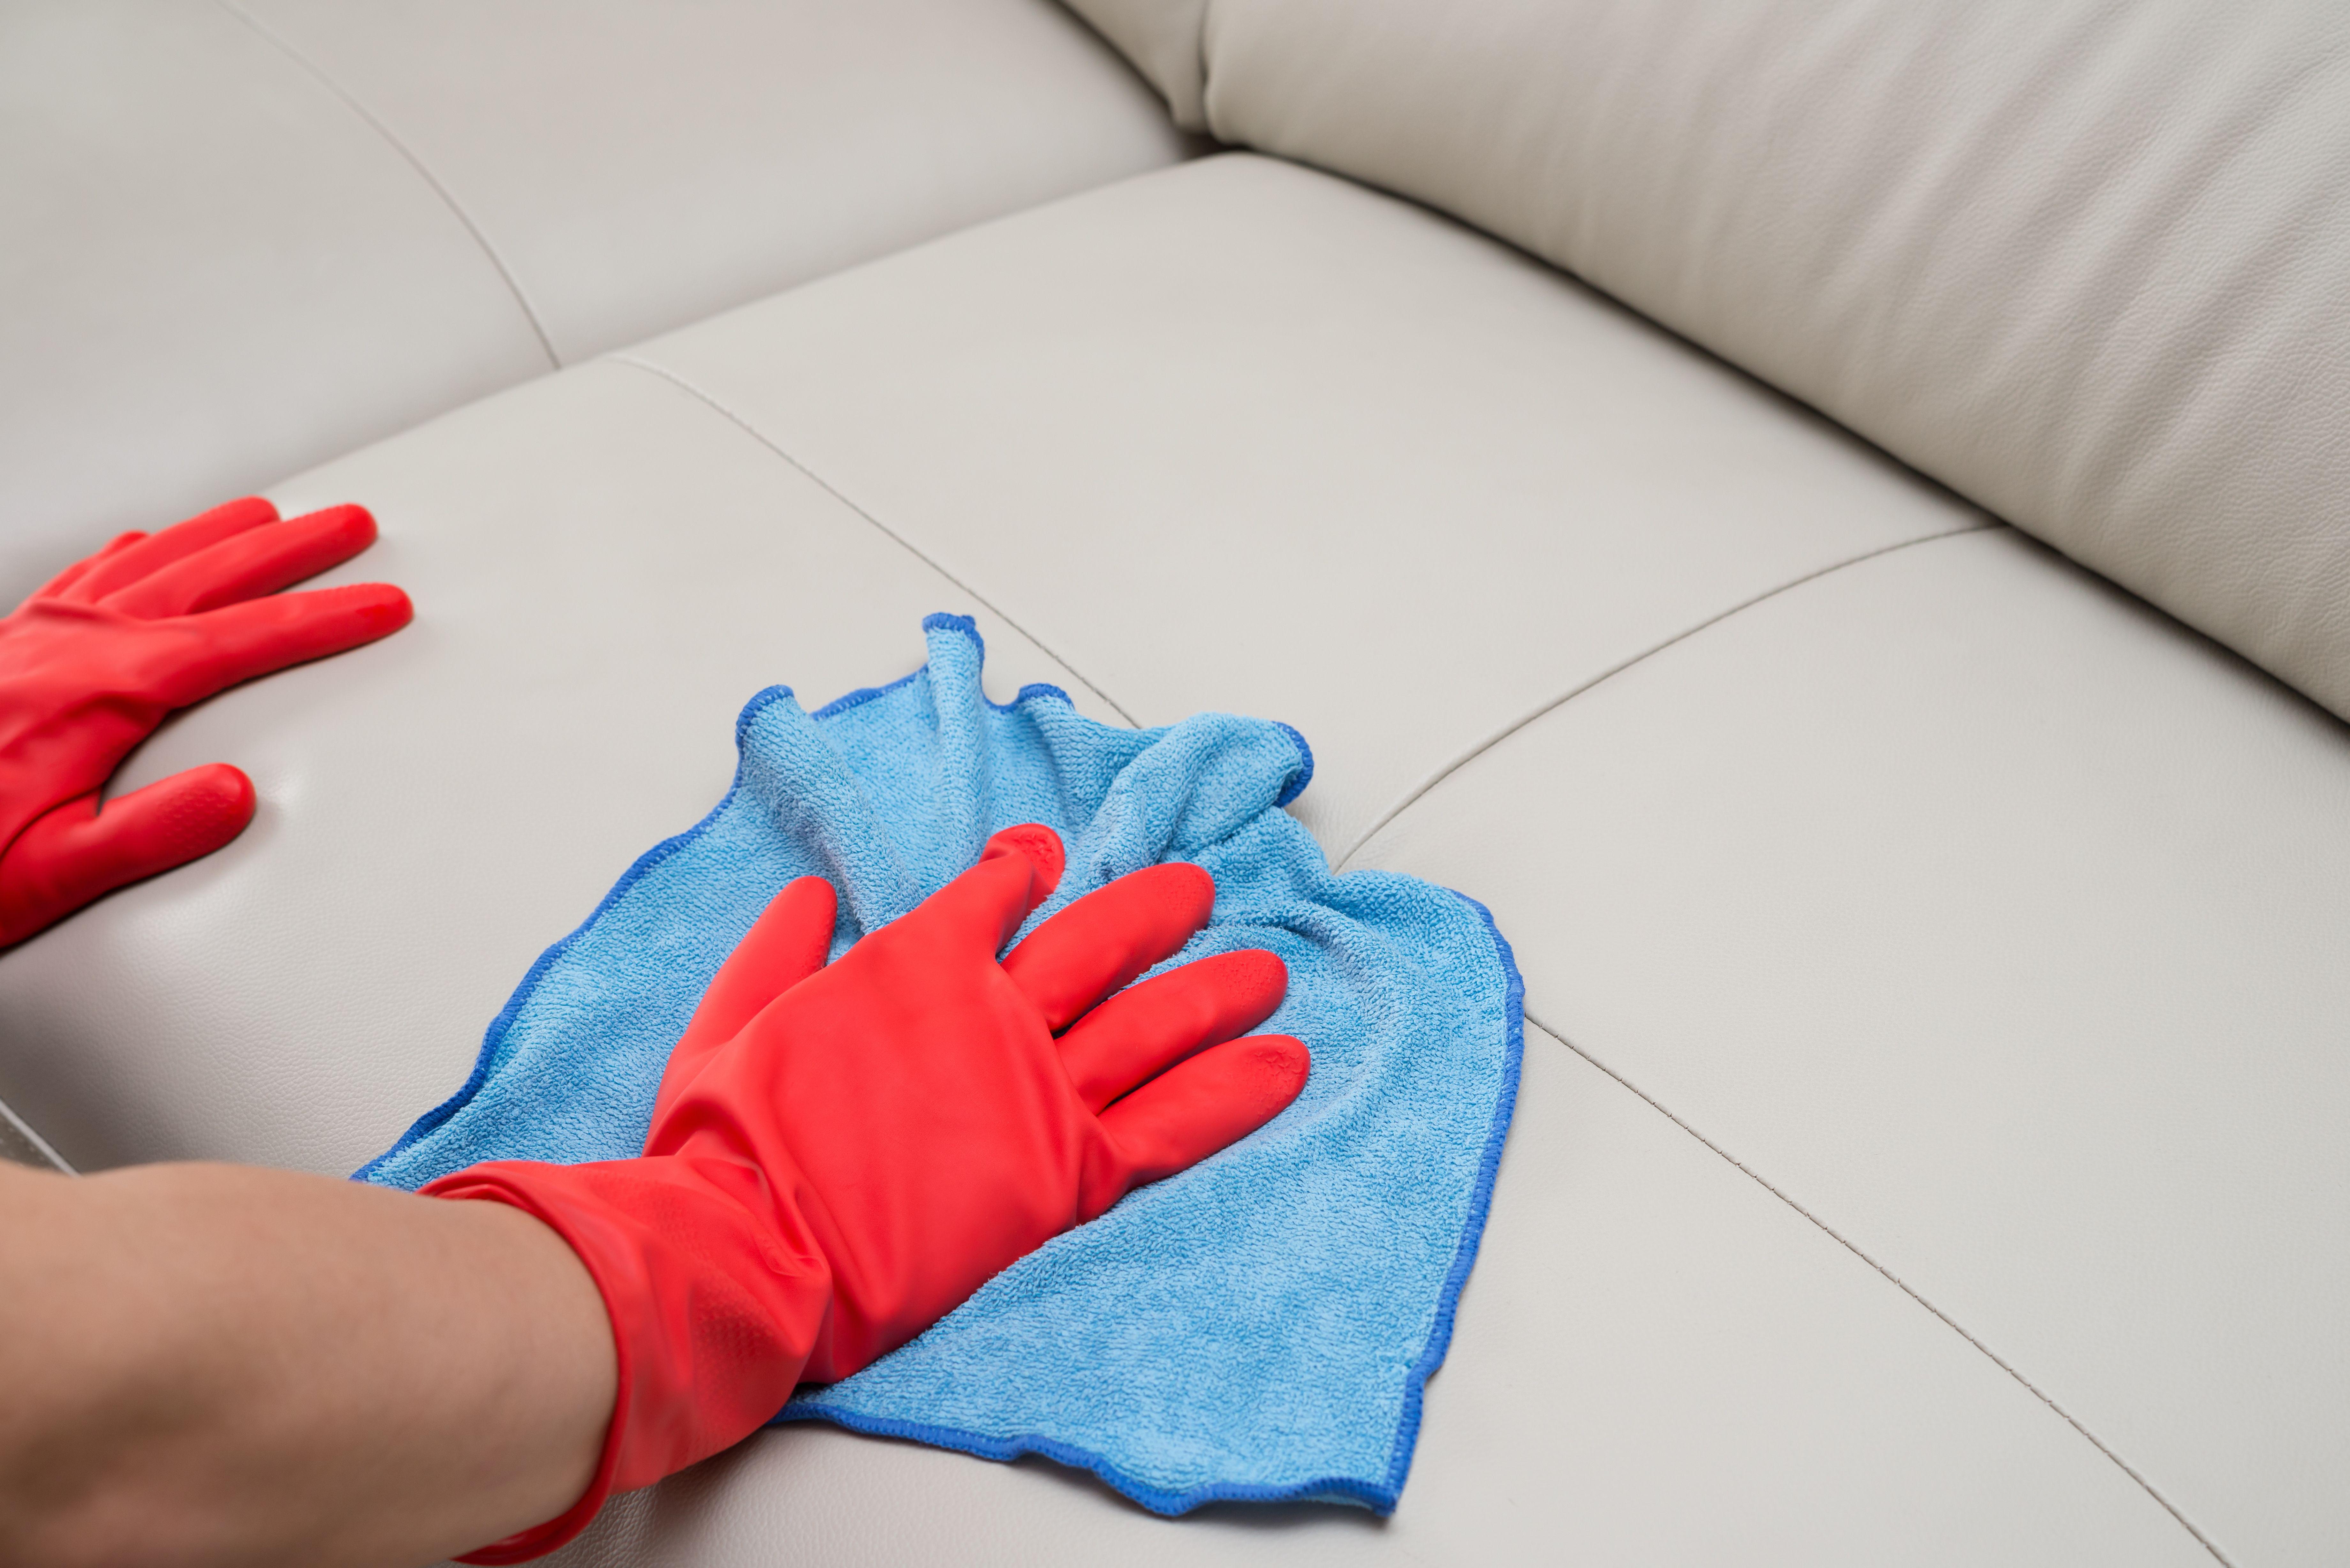 Empresas de limpieza doméstica en El Maresme